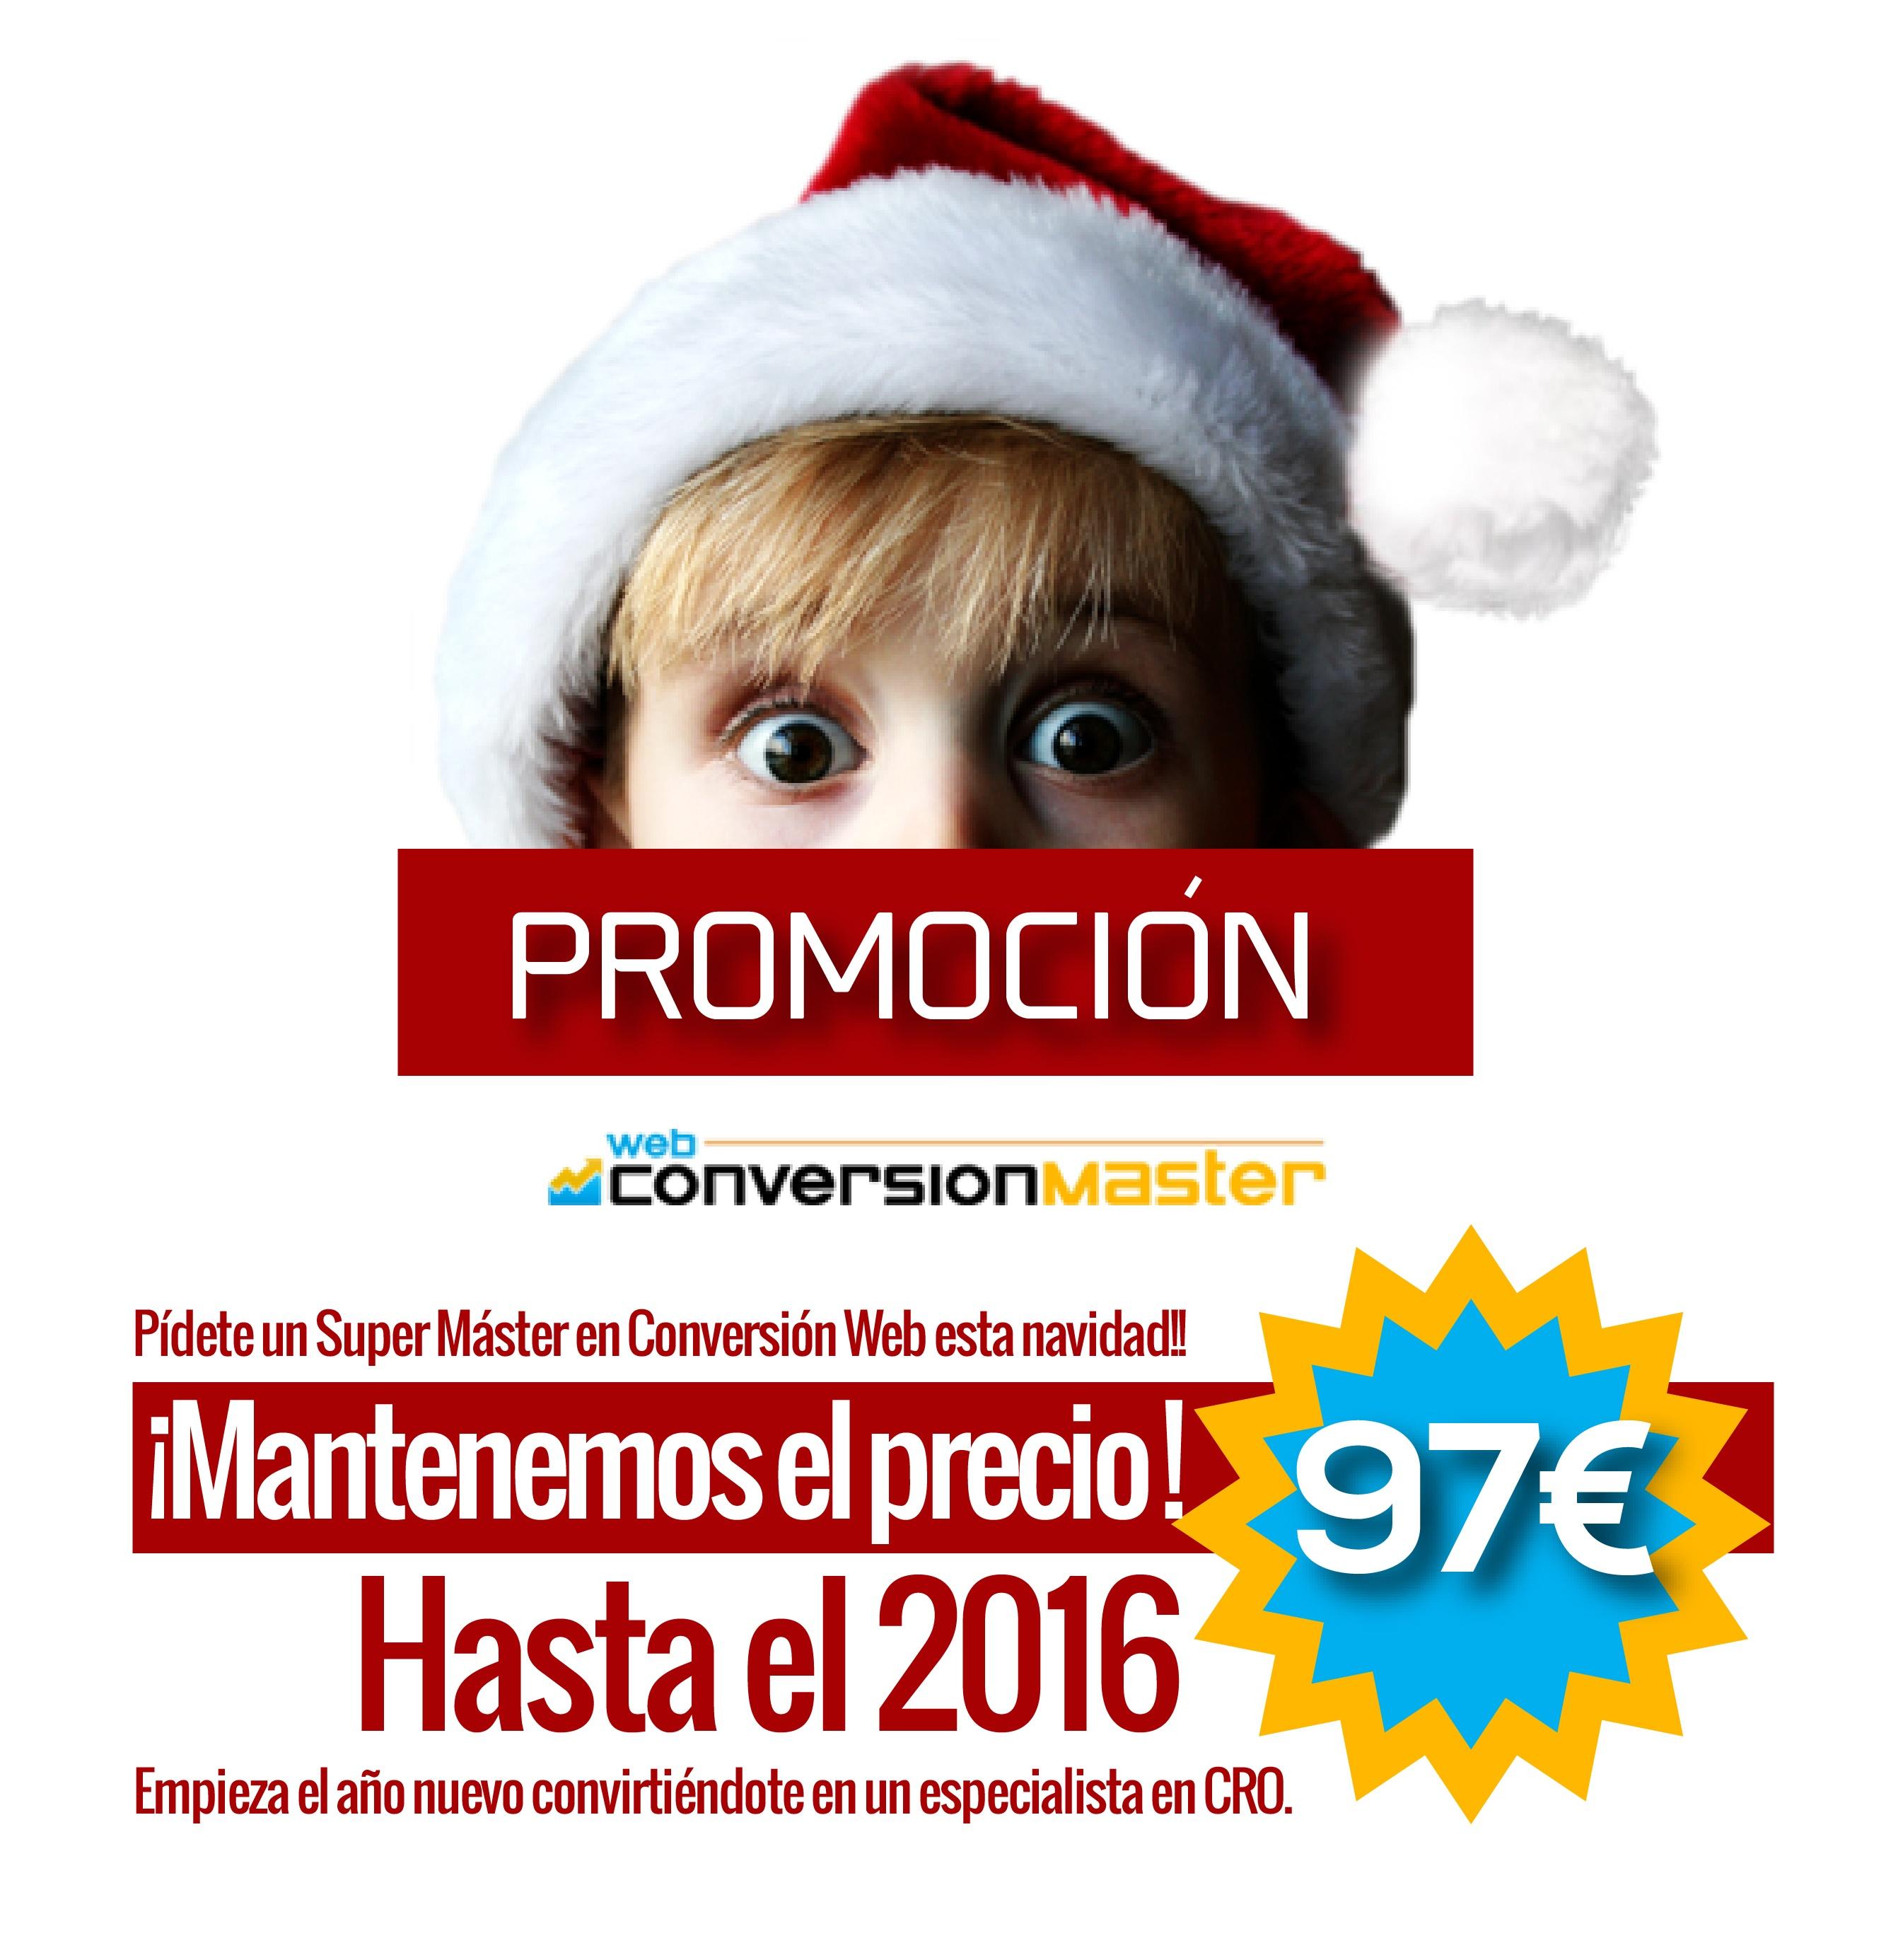 promocion-especial-navidad-web-conversion-master